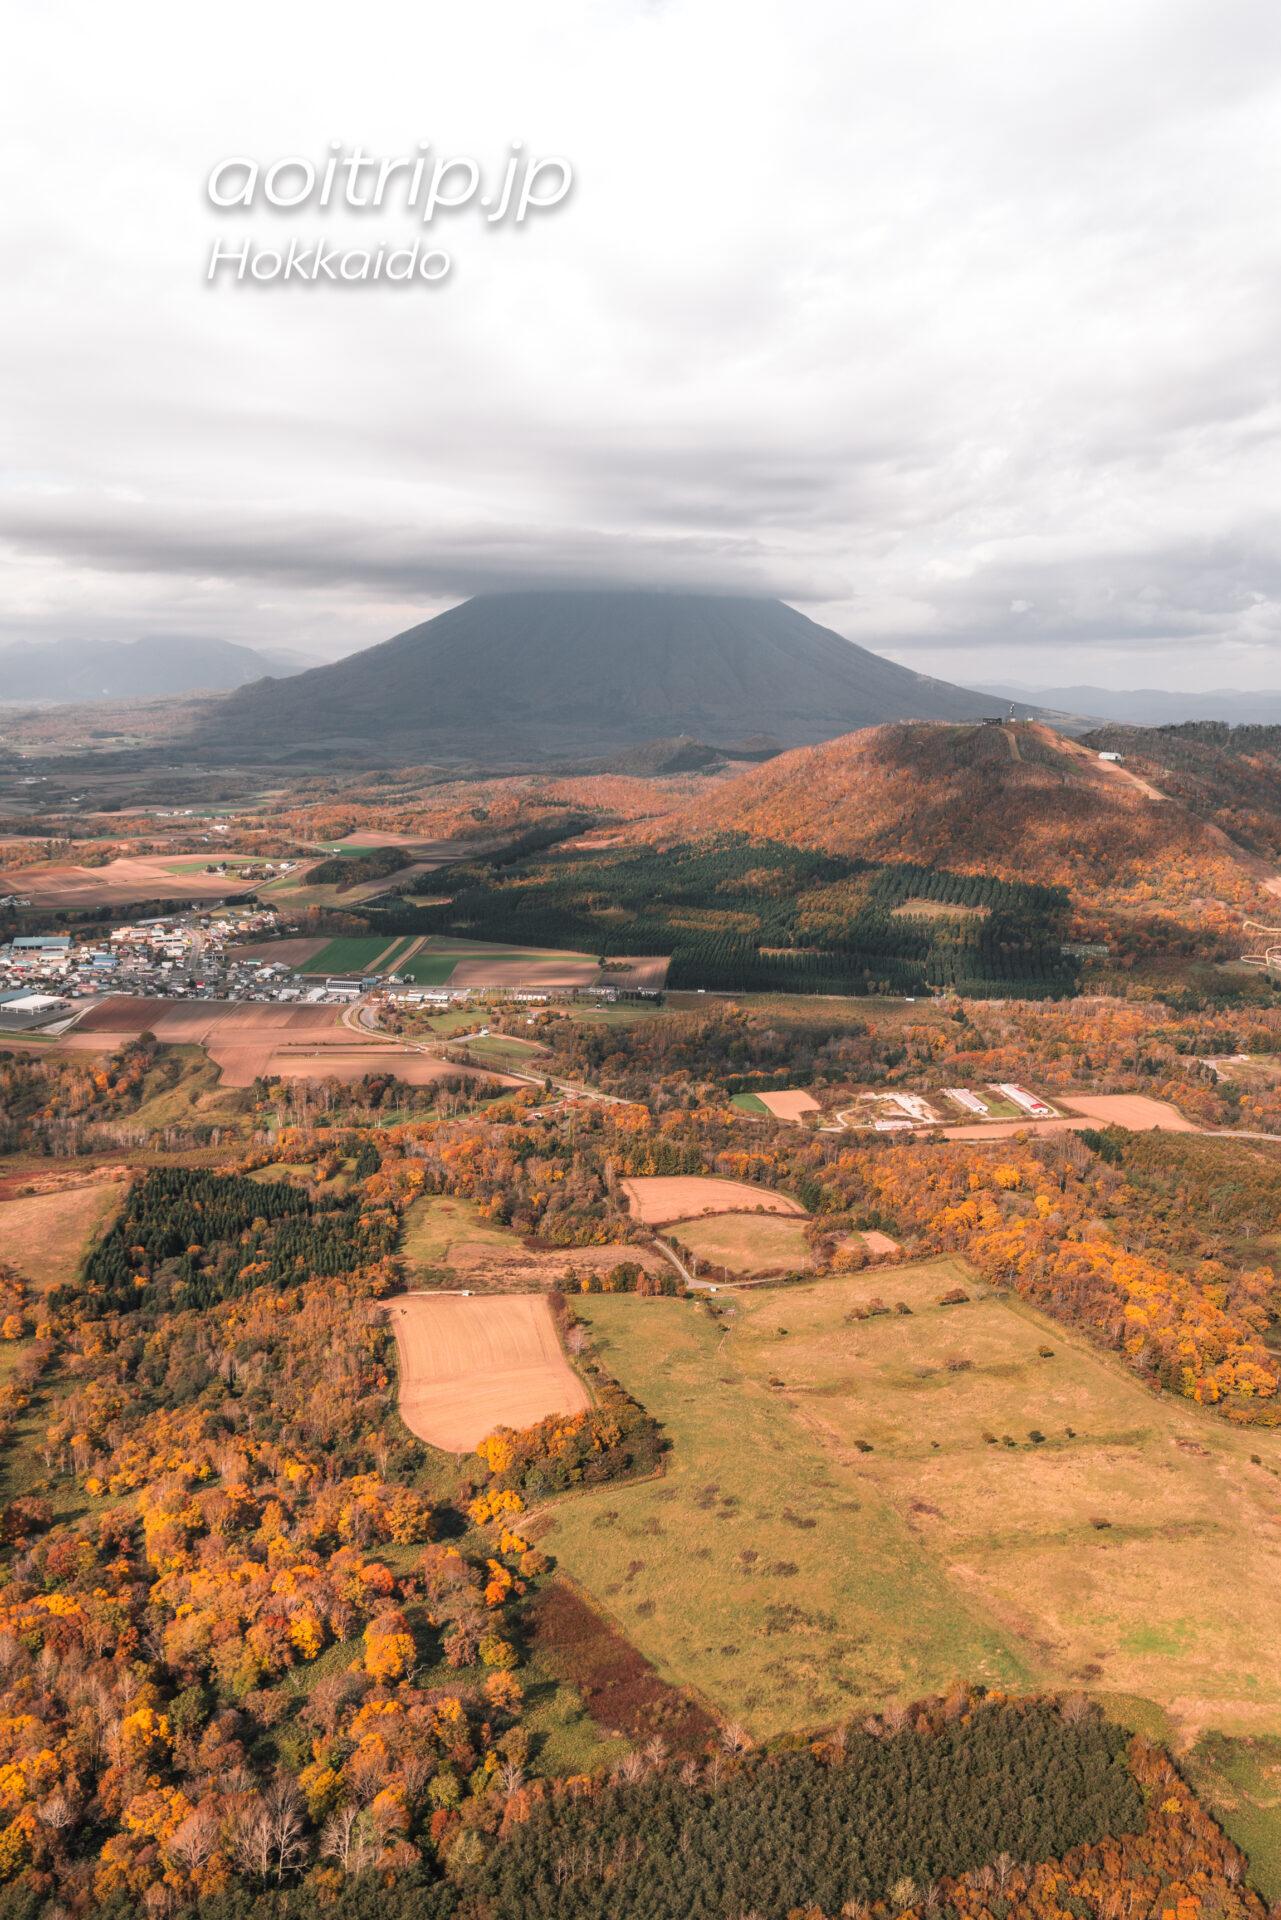 ルスツリゾート ヘリコプター遊覧飛行 羊蹄山